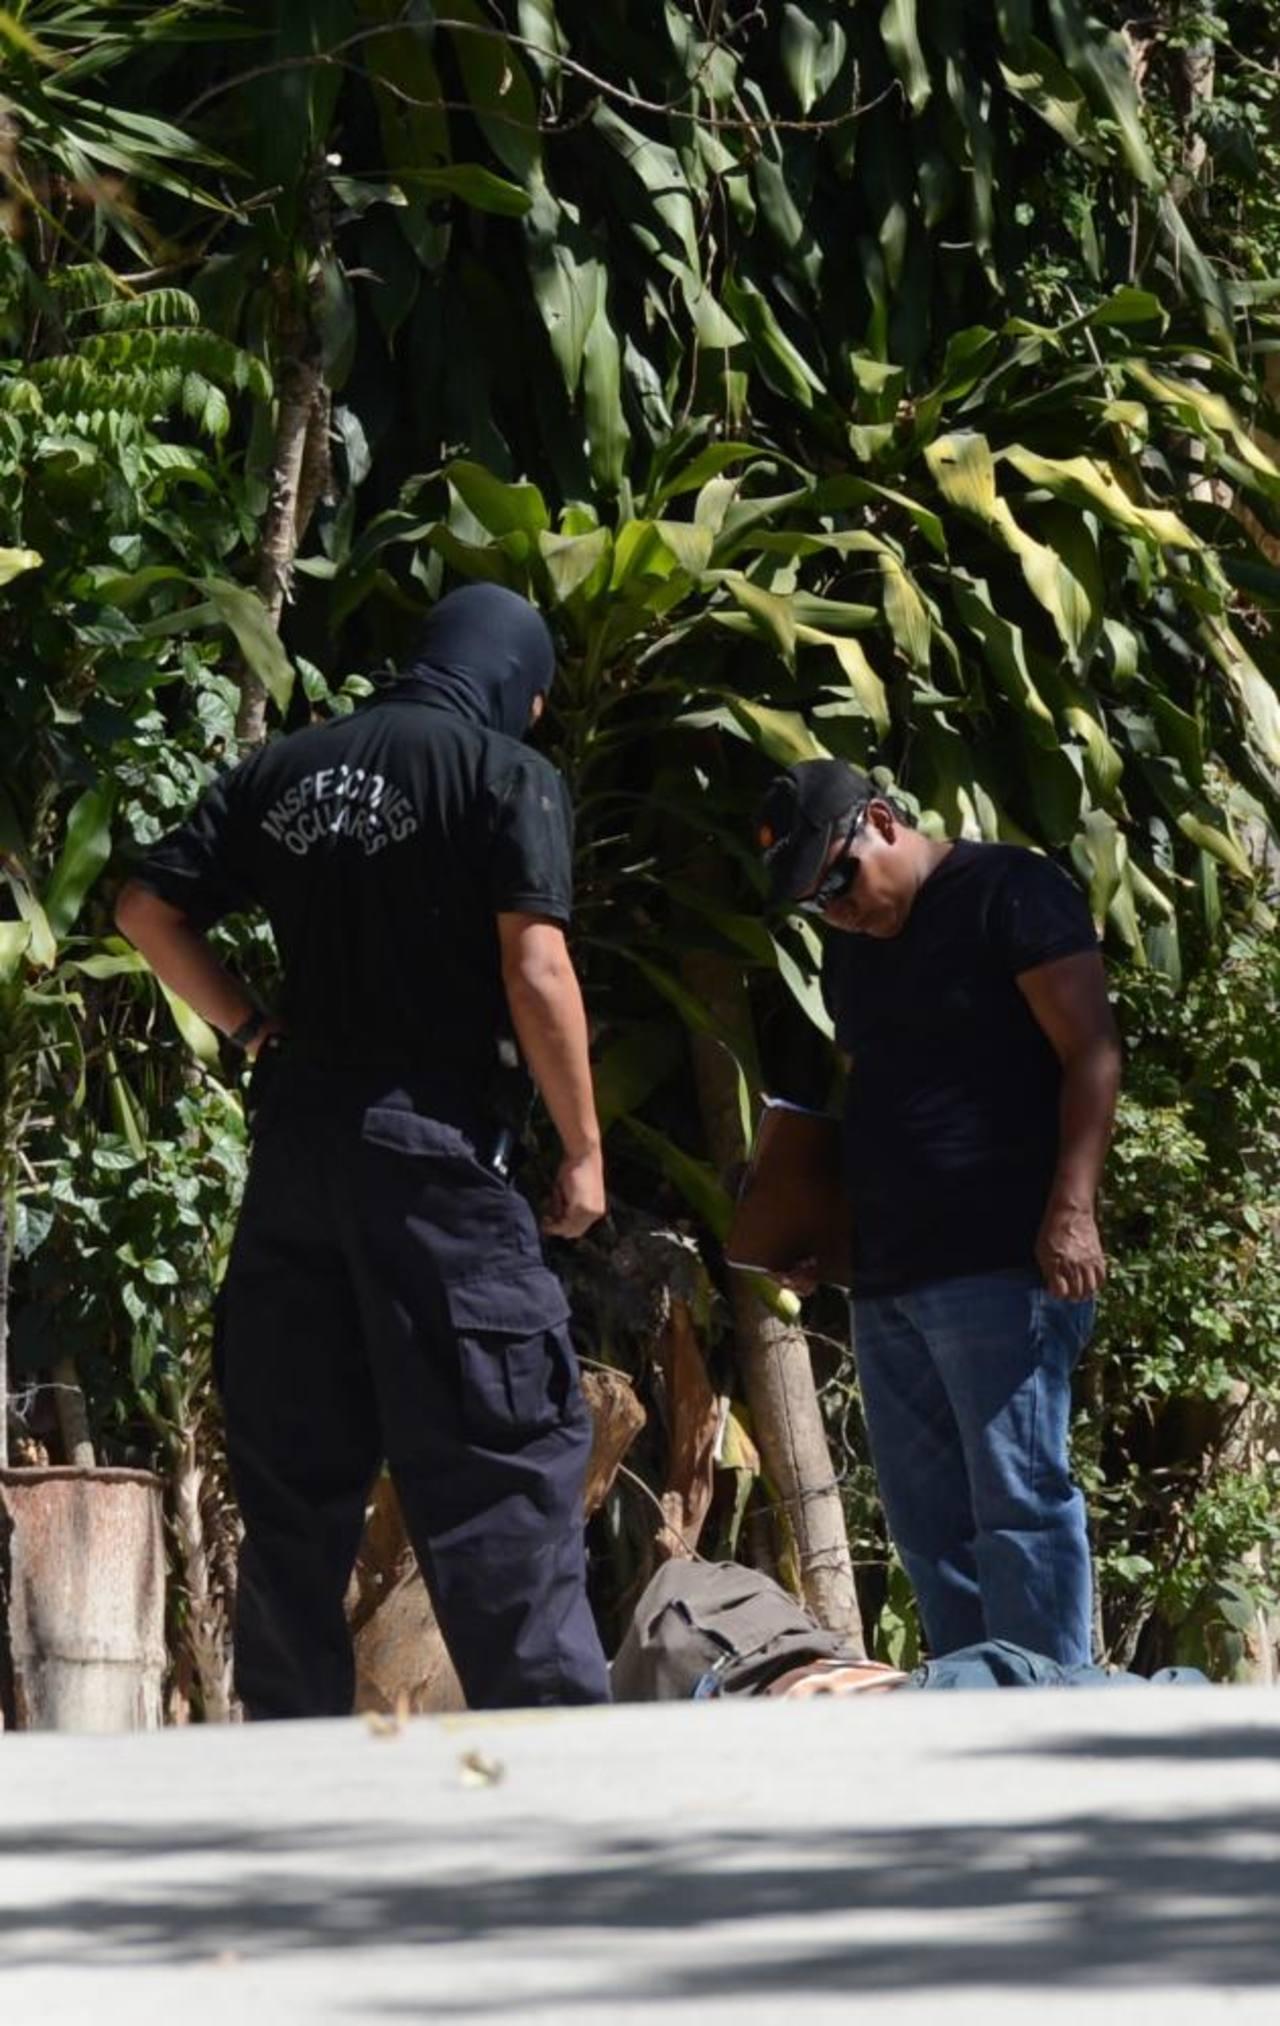 Investigadores recaban evidencias en la zona donde fue asesinado José Ramos, de 36 años. Él vendía pescado cuando lo mataron en San Pedro Perulapán. Foto EDH / Douglas Urquilla